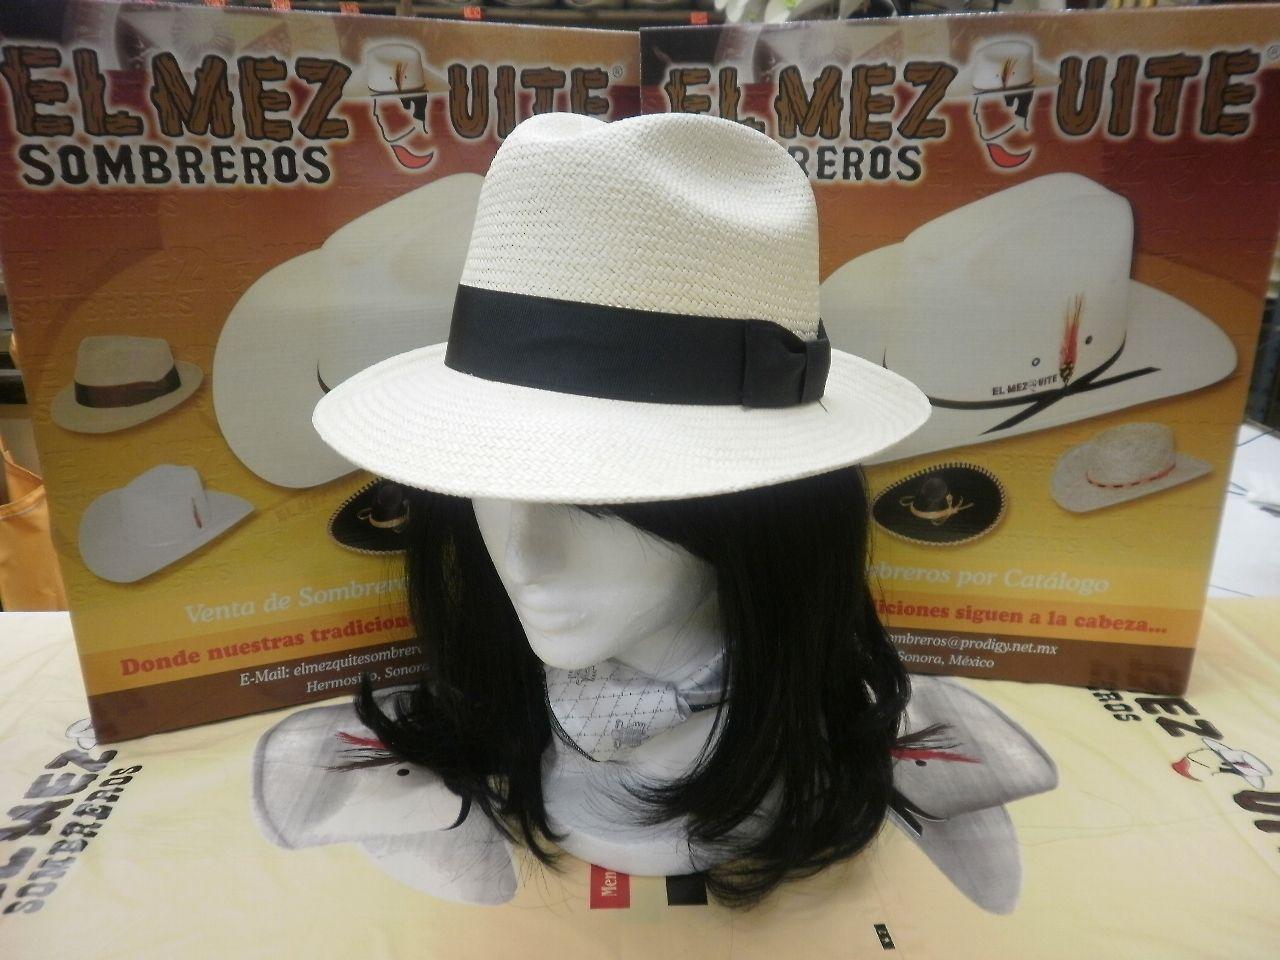 Fedora panamá black ribbon tallas eg natural talla sombreros de sonora jpg  1280x960 Caballo pinto talla f1e39df0833